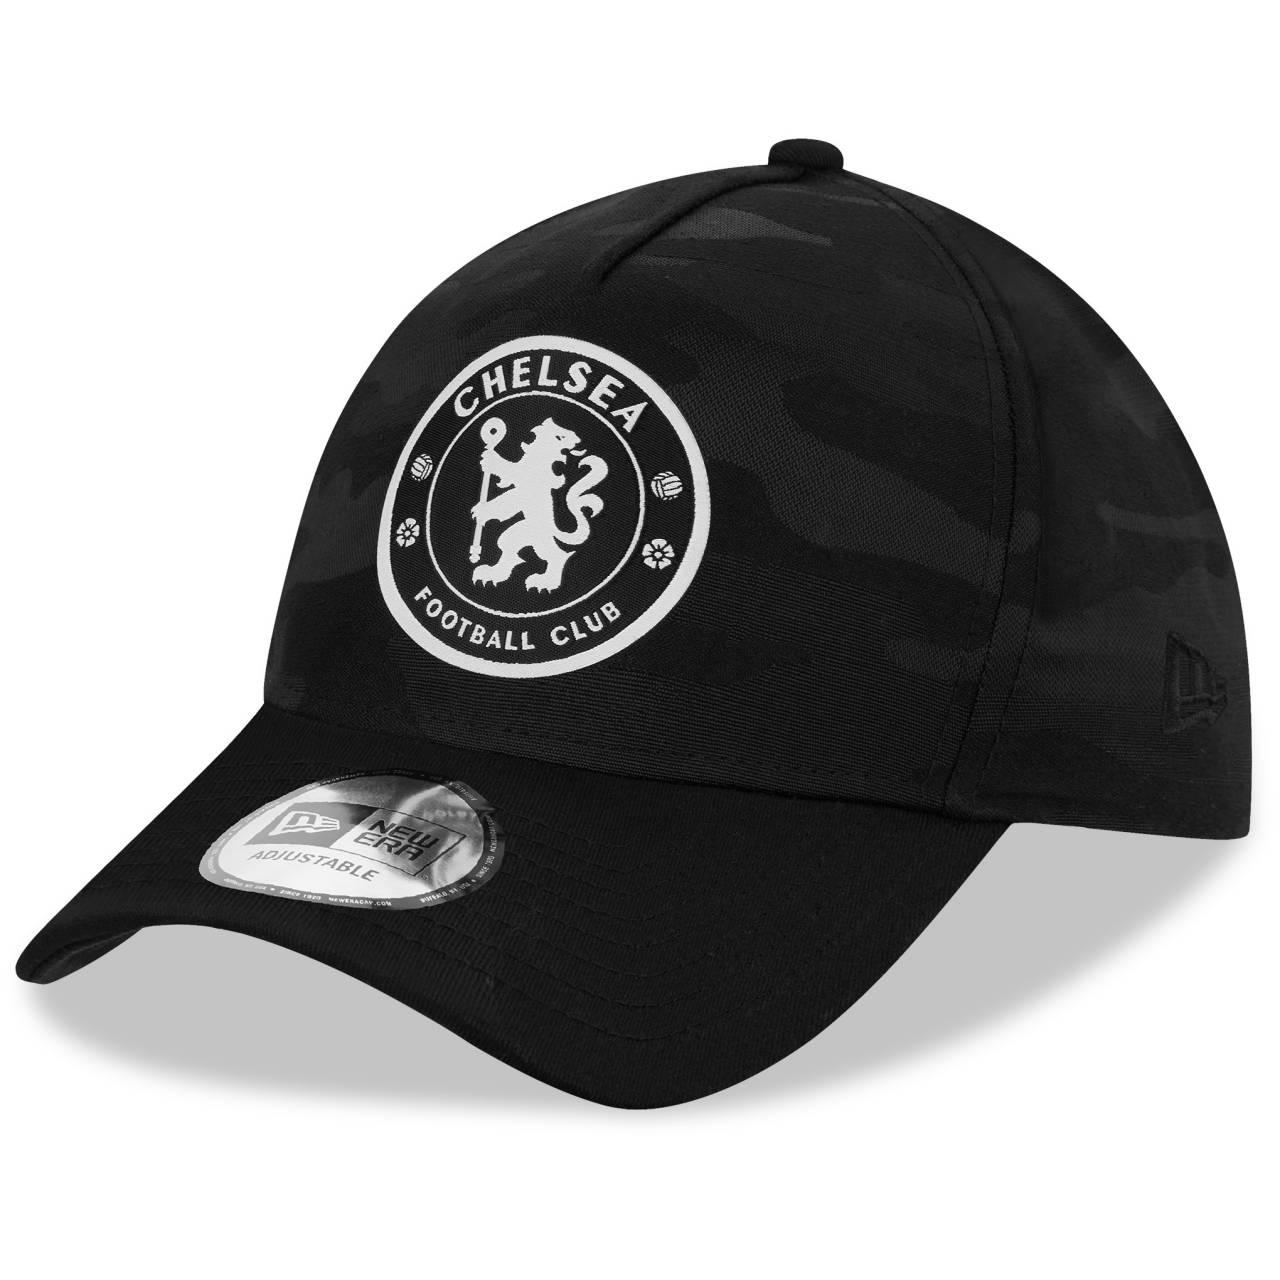 9FORTY A-FRAME CHELSEA FC LION CREST BLACK CAMO CAP